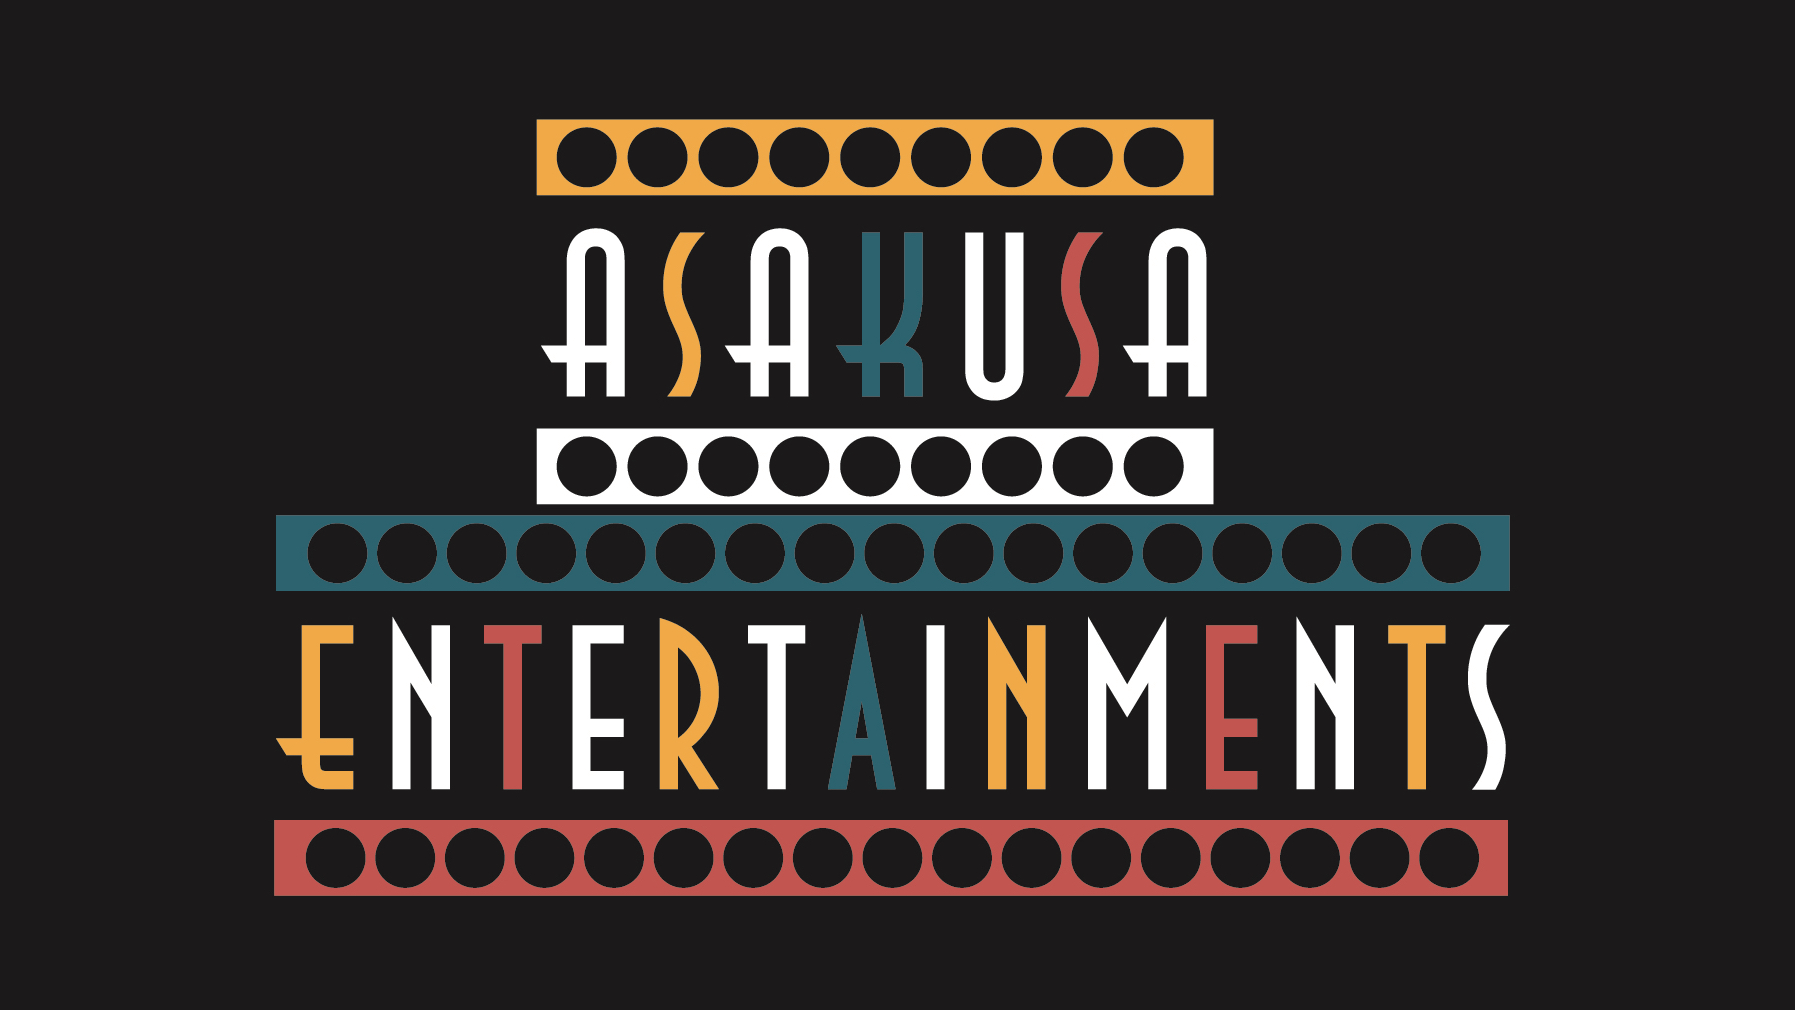 ASAKUSA | TOP_AsakusaEntertainments_2018